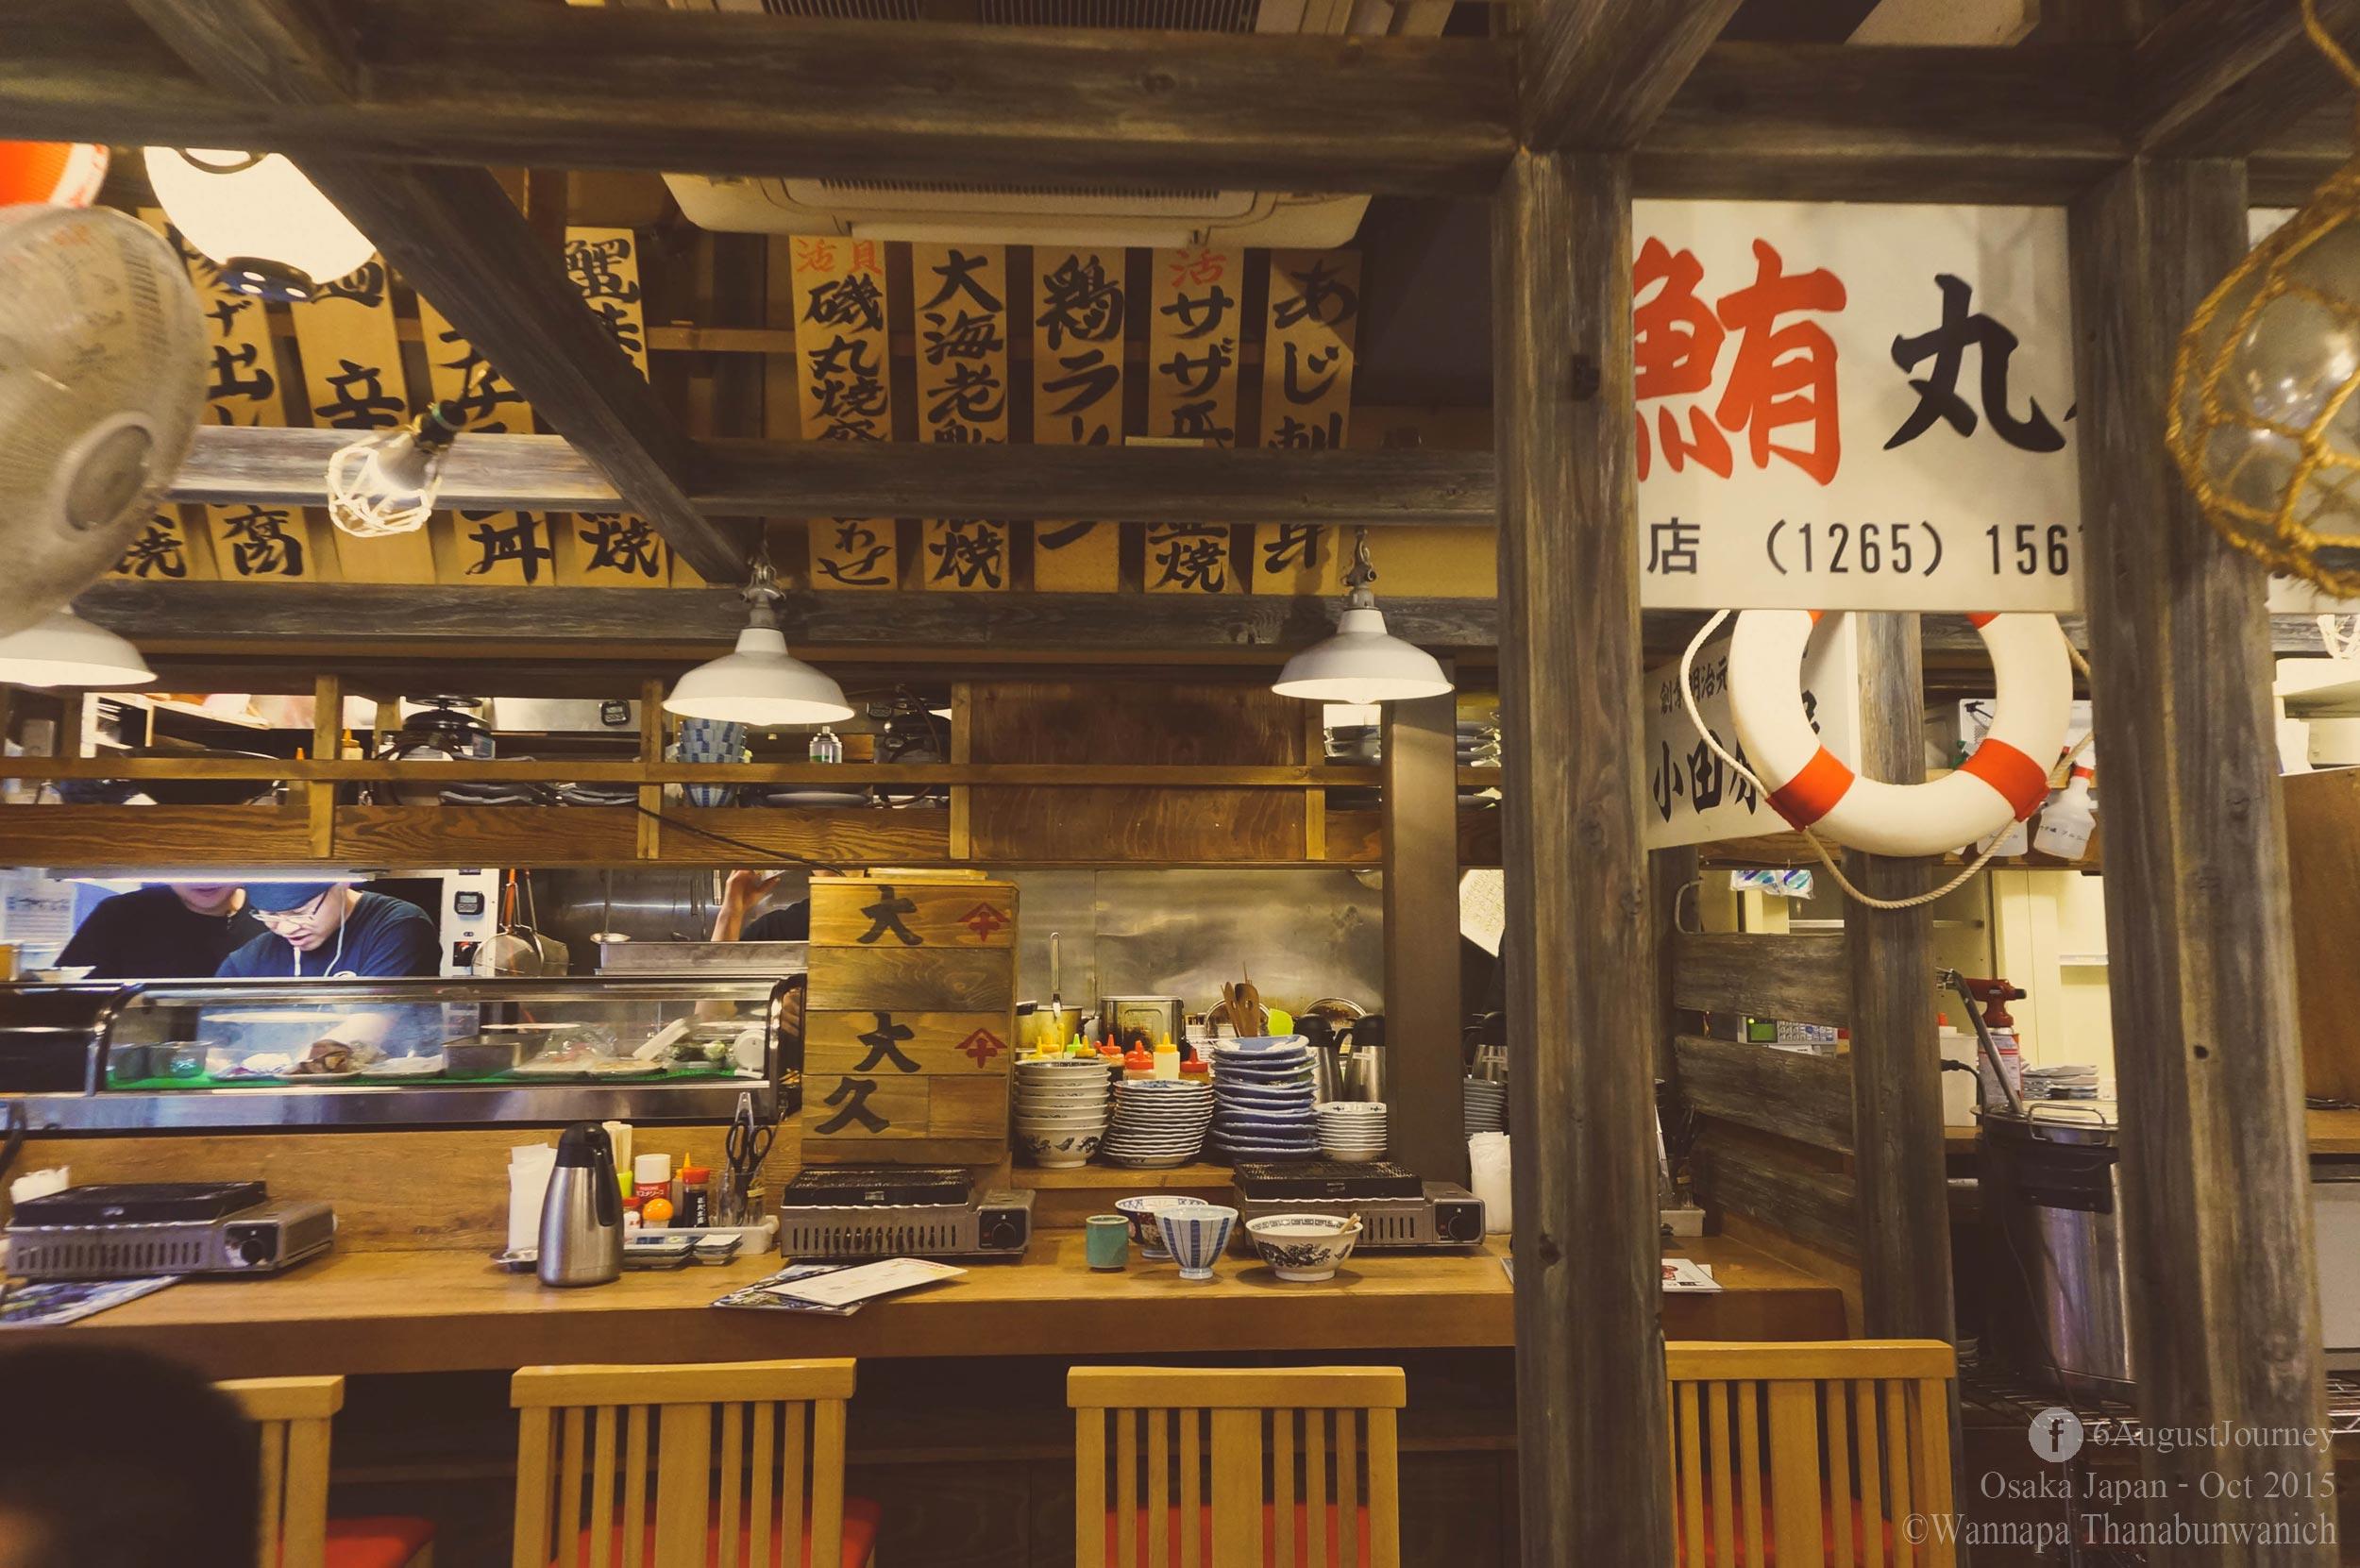 บรรยากาศในร้านค่ะ ที่ญี่ปุ่นดีอย่างตรงที่ถ้ามาคนเดียวก็มีเตาเดี่ยวให้ที่เคาเตอร์